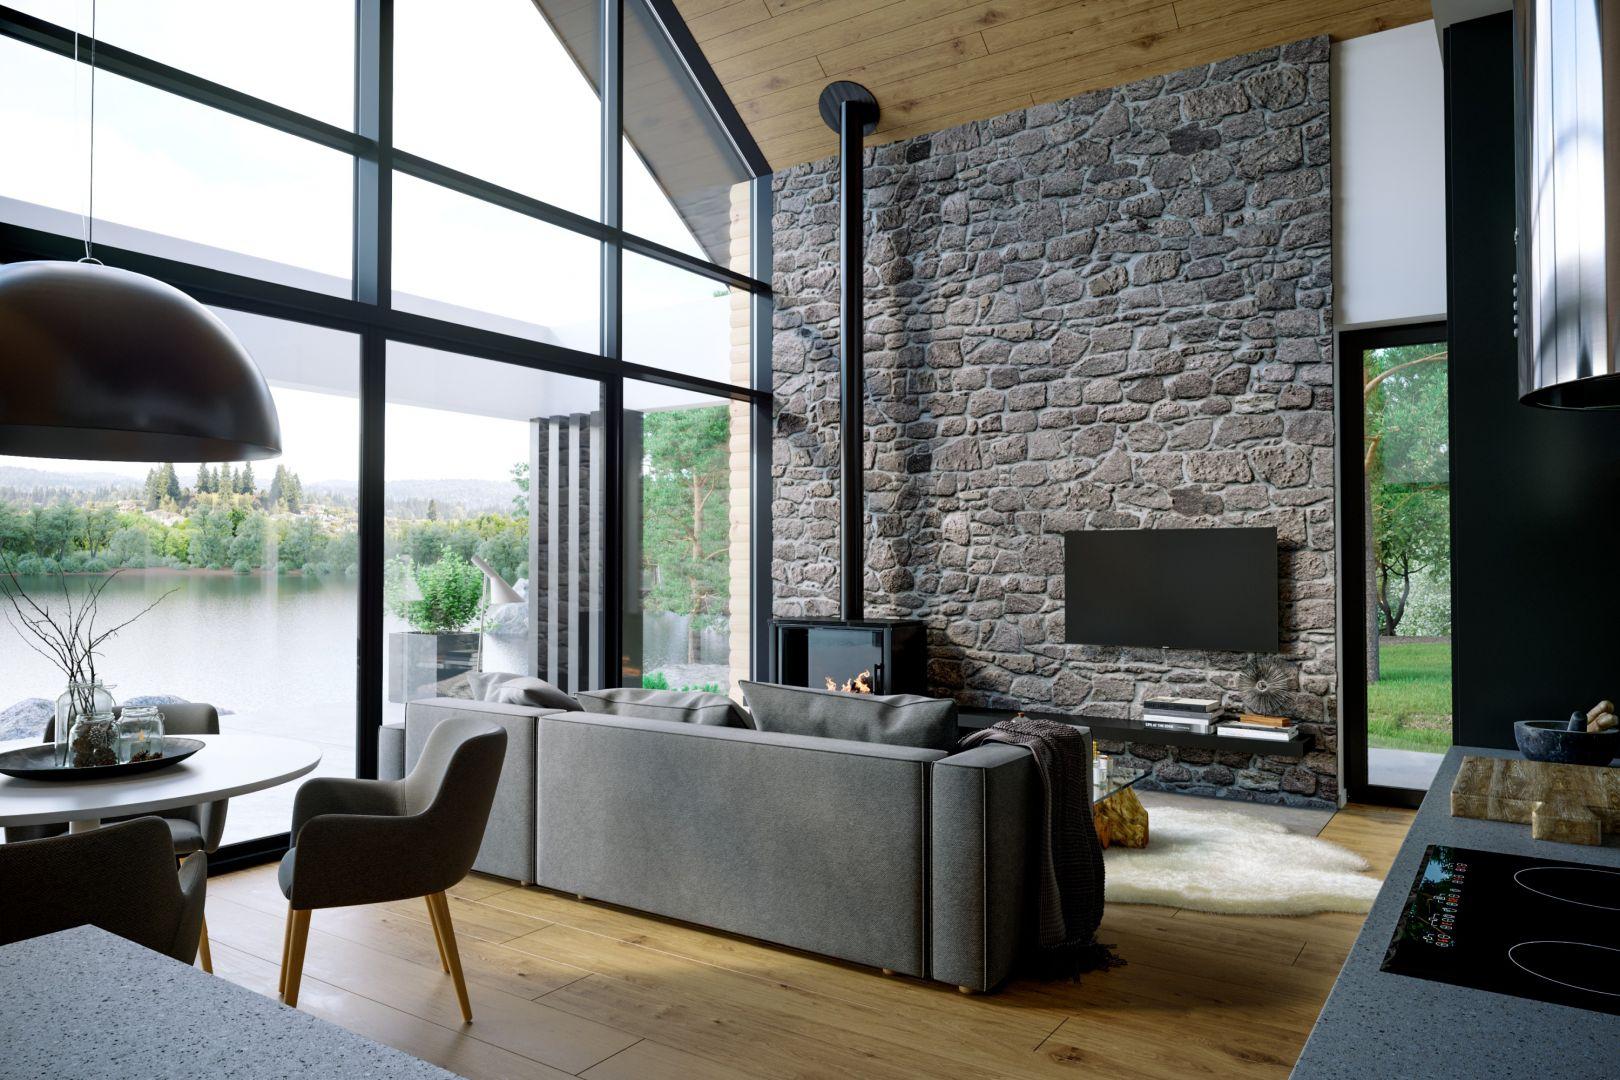 """Zarówno wystrój wnętrza, jak i okna w projekcie """"stodoły"""" powinny współgrać, a nawet podkreślać charakter tego rodzaju budynku. Tu rządzi prostota formy, funkcjonalność i natura. Fot. OknoPlus HomeKONCEPT"""